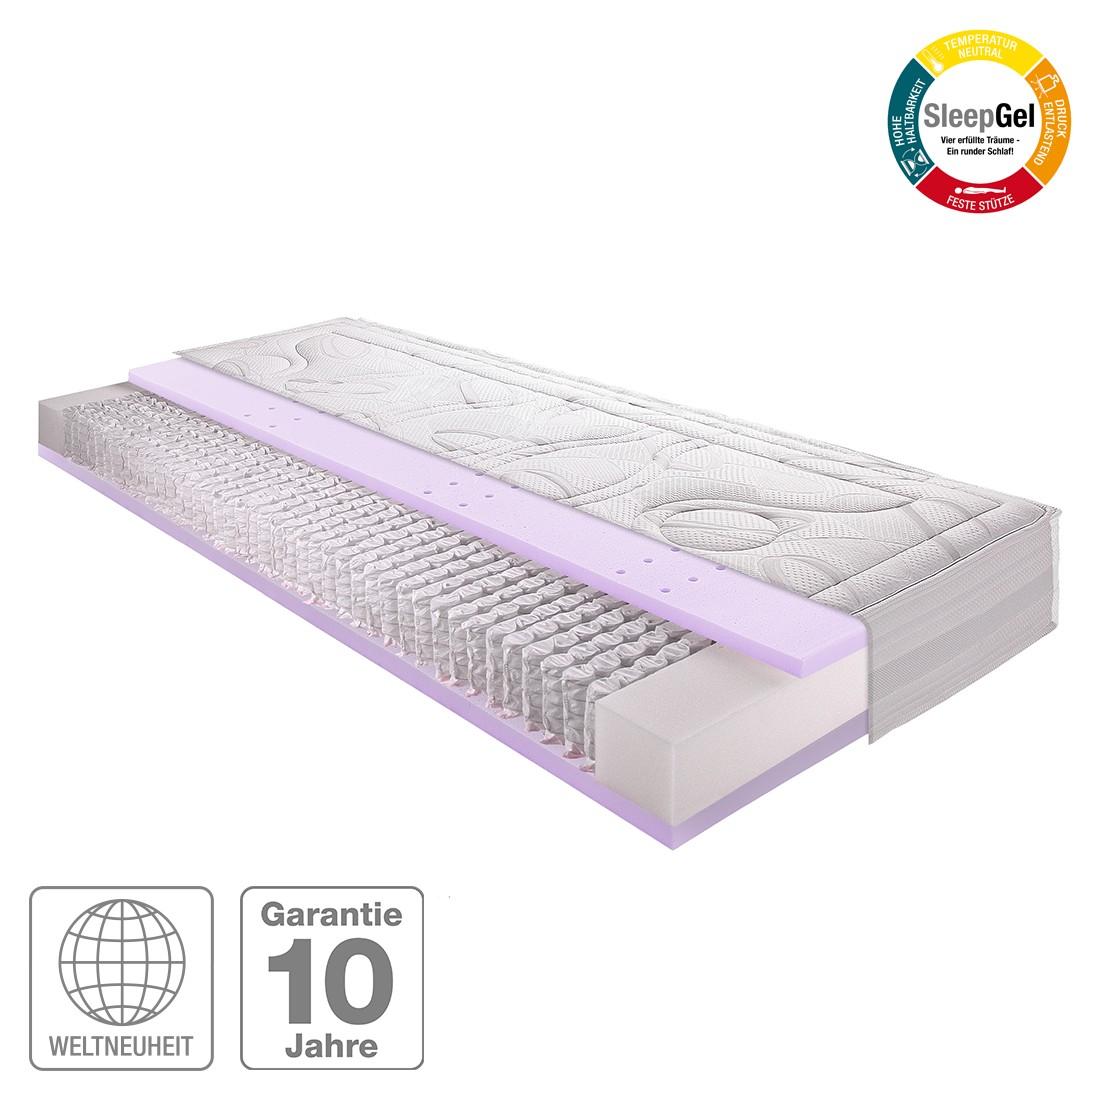 7-Zonen Micro-Taschenfederkern Gel-Matratze Sleep Gel 4 – 120 x 200cm – H3 ab 80 kg, Breckle günstig bestellen